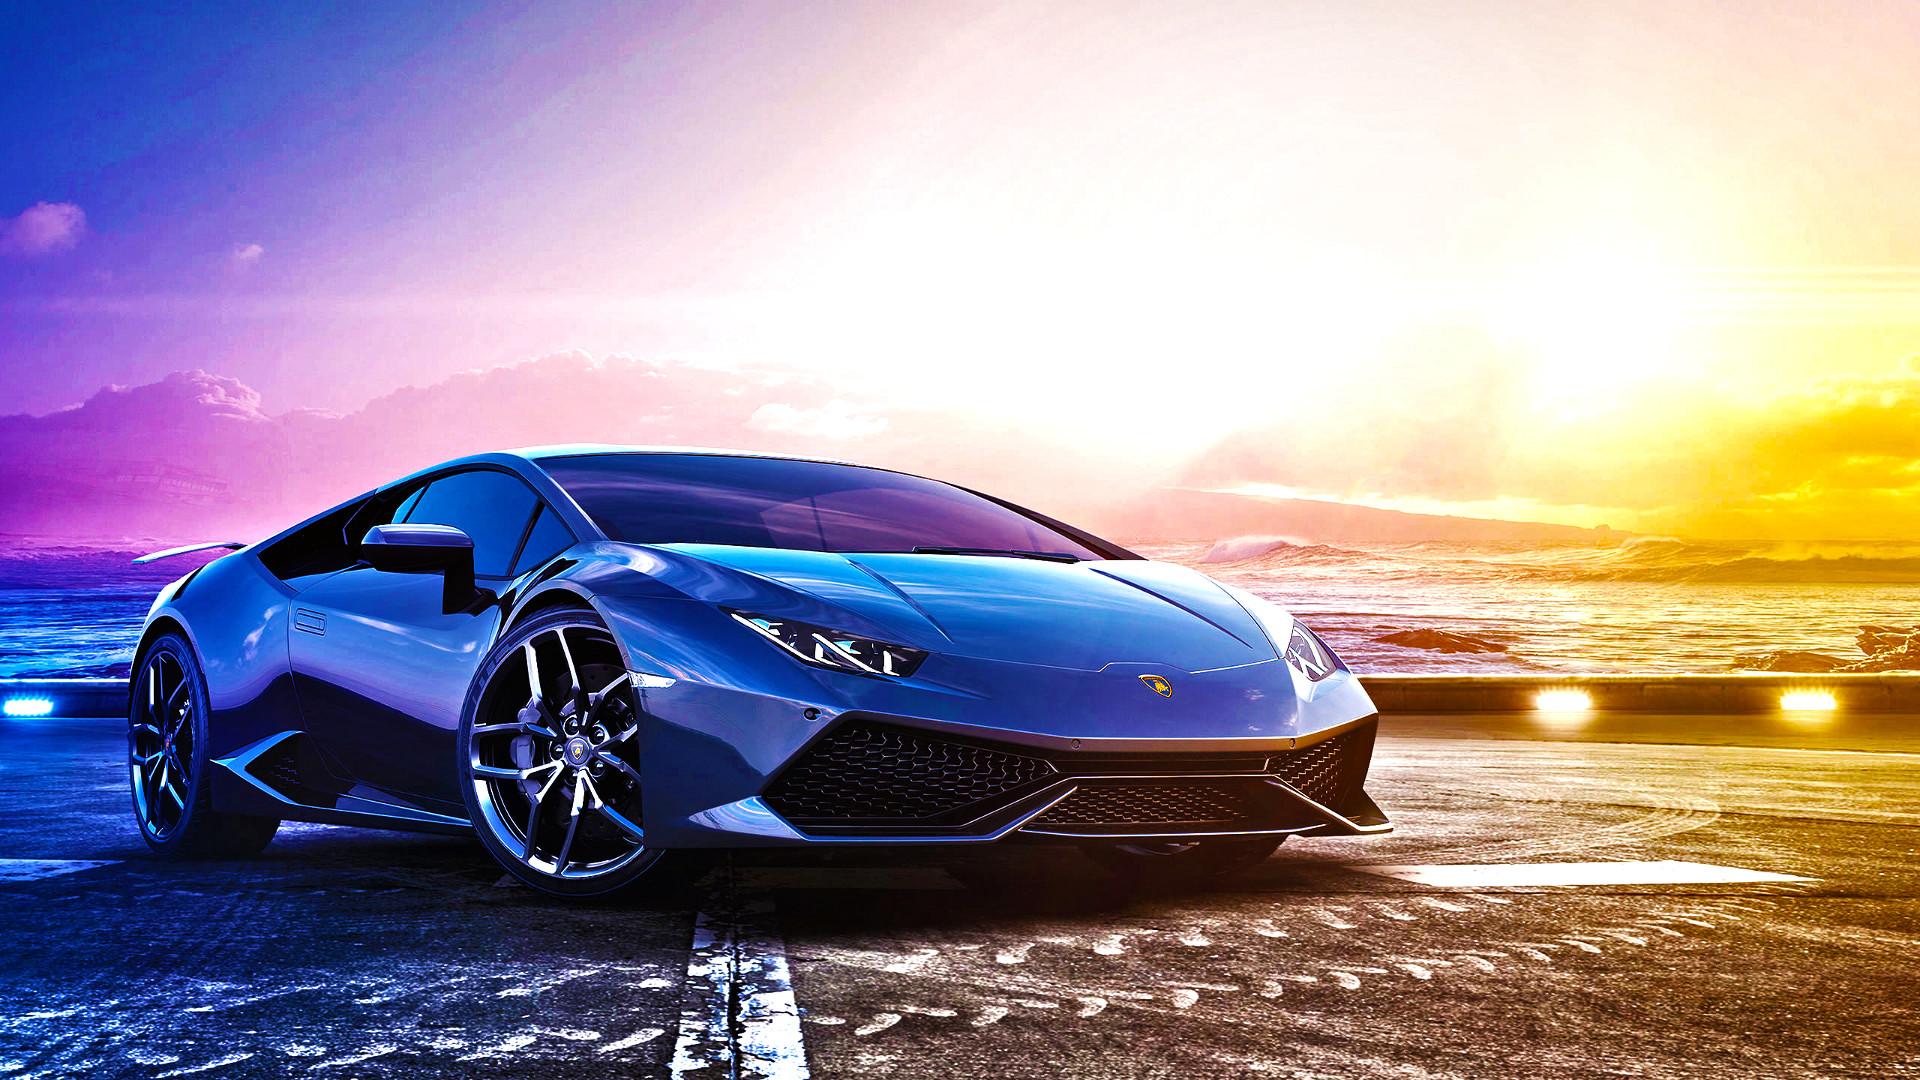 Full Hd Picsart Car Background